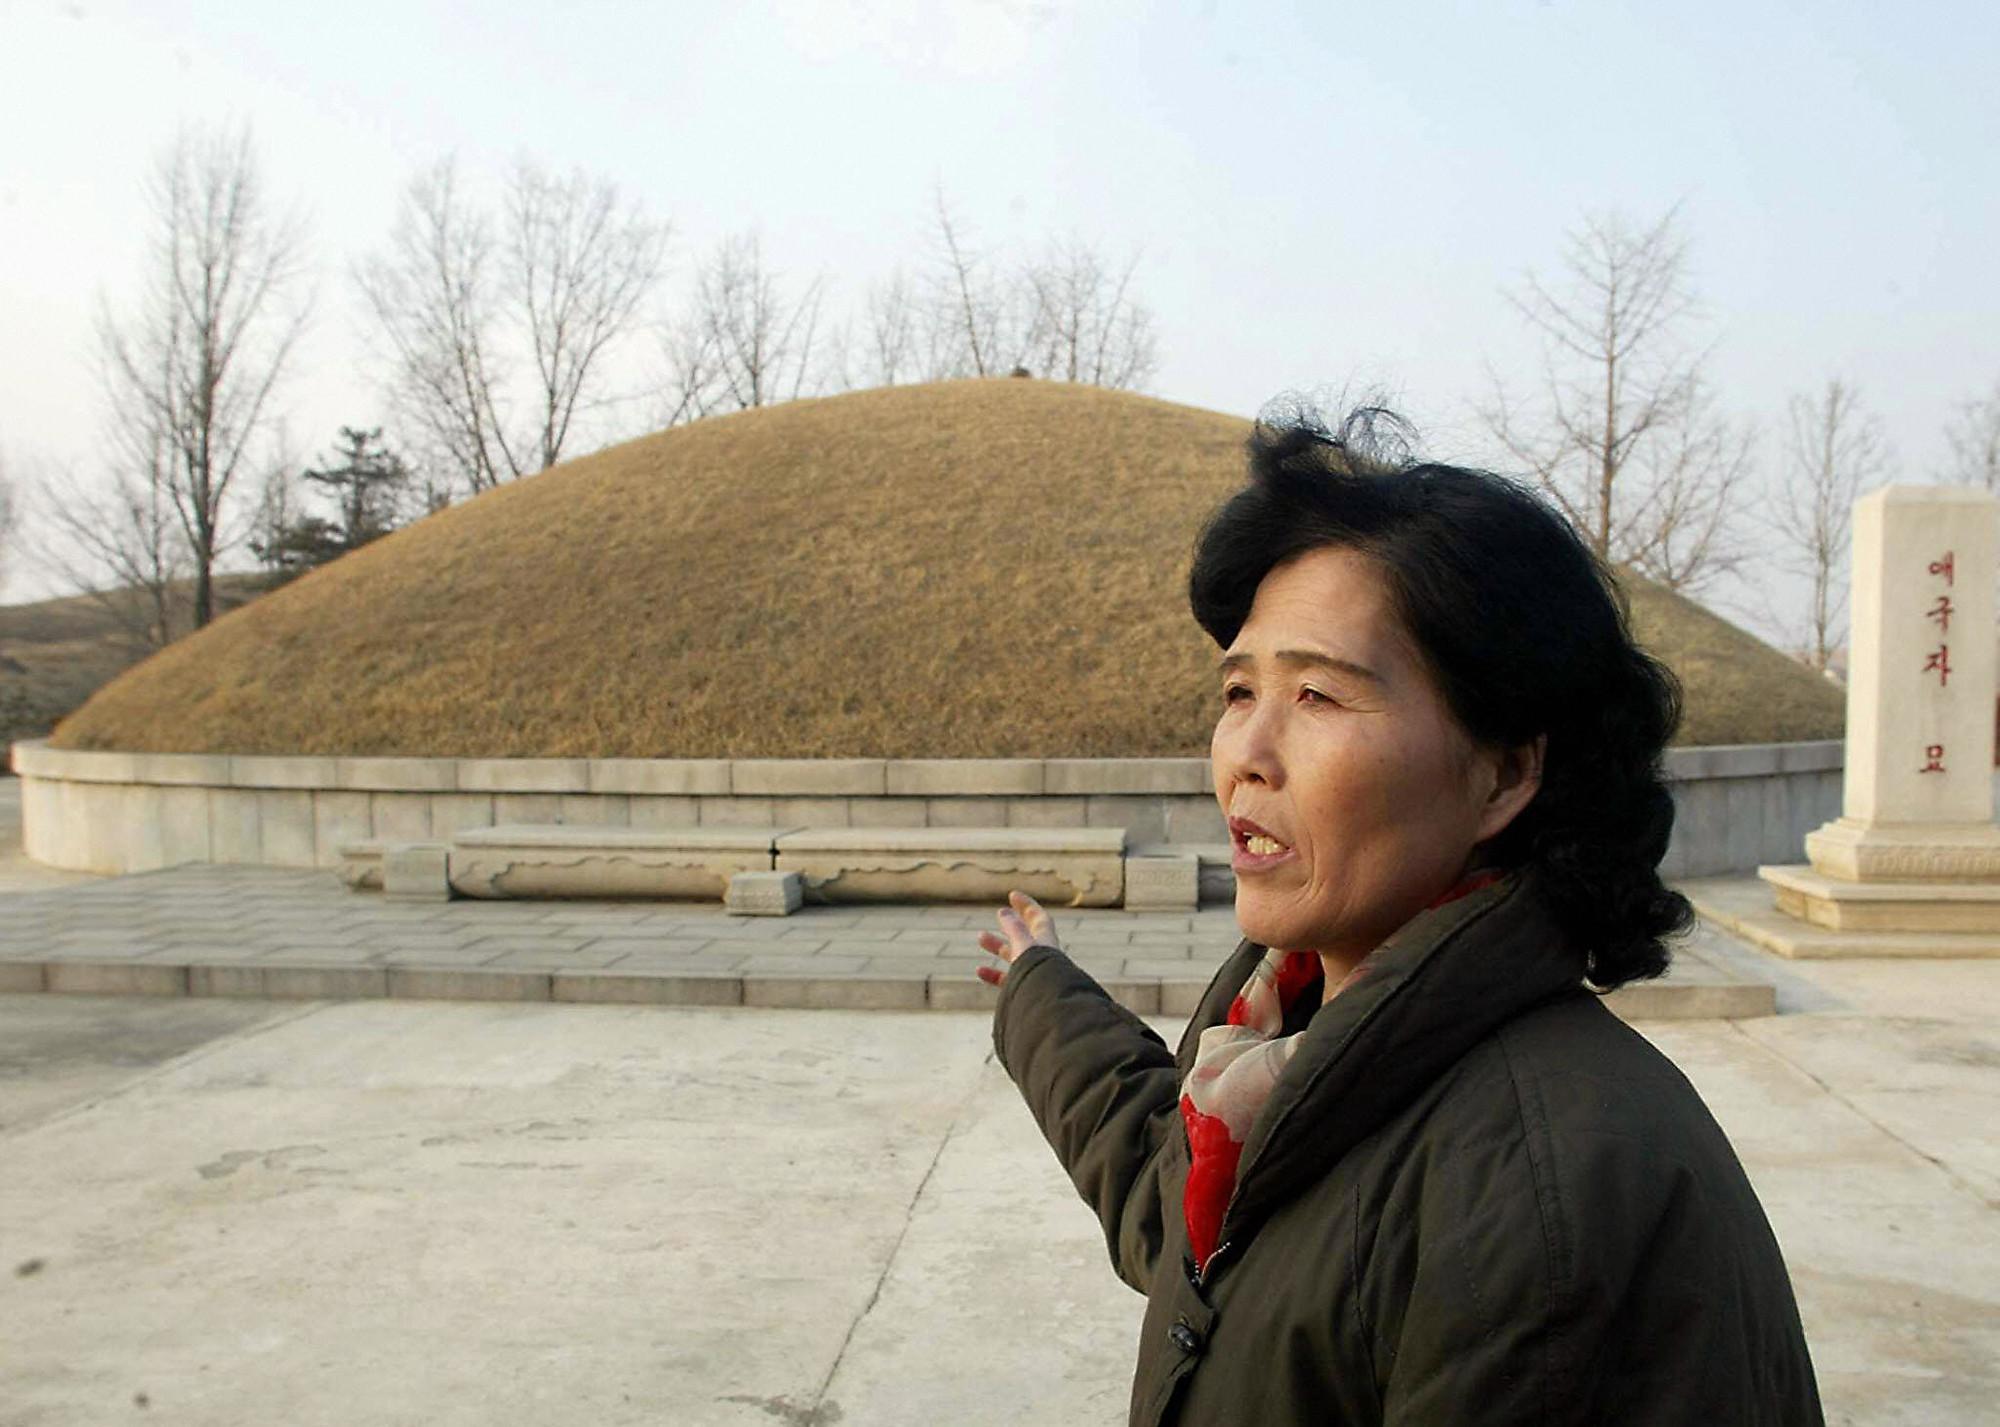 日媒:北韓下令民眾挖祖墳撿遺骨 改為火葬